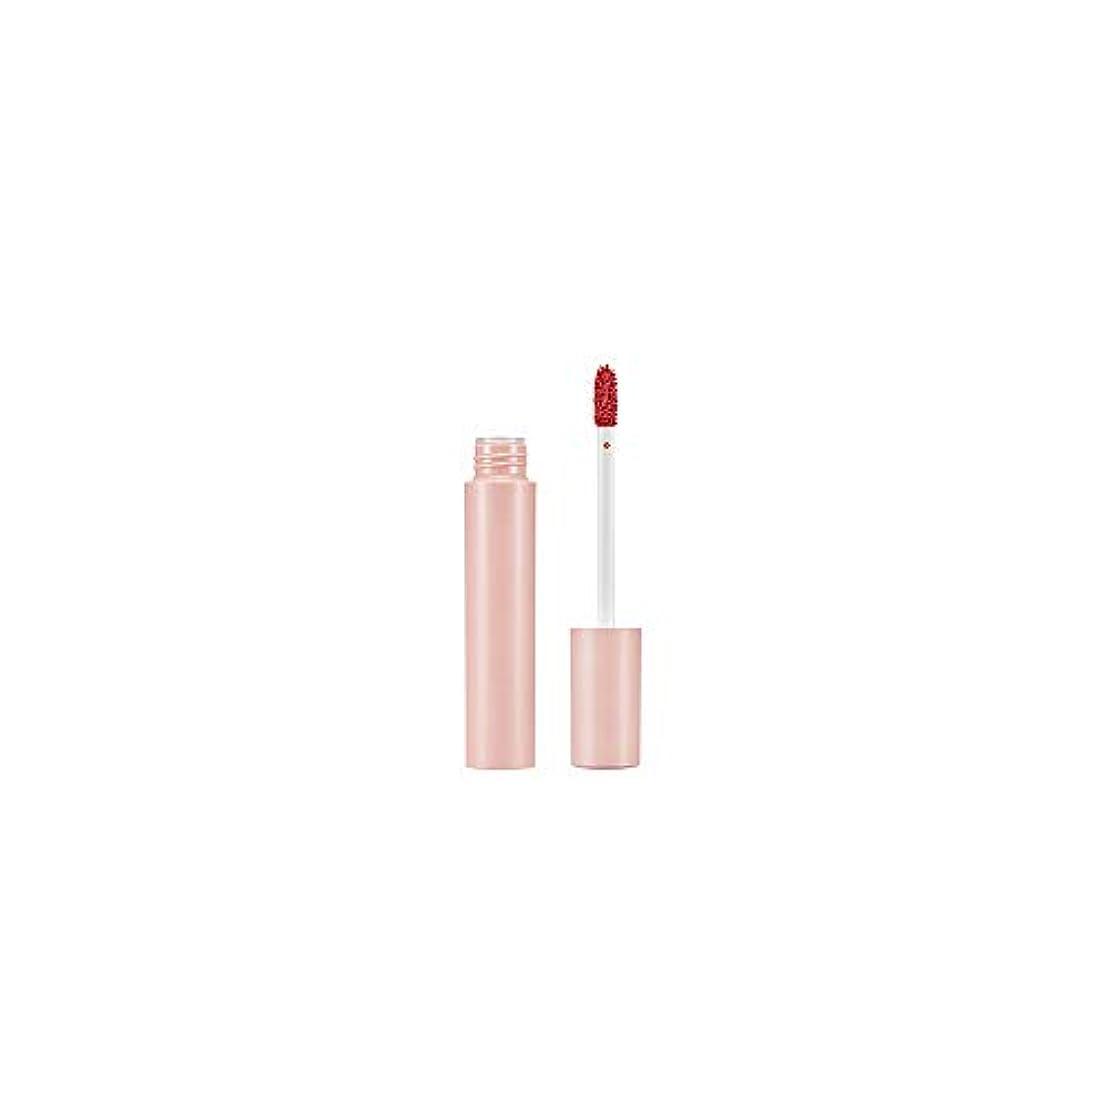 ぼろ発信長椅子[ARITAUM/アリタウム] Color Live Tint/カラーライブティント 12カラー / 3.5g リップティント ティント 口紅 リップ リップメイク 韓国コスメ JUHASBNH (#18)